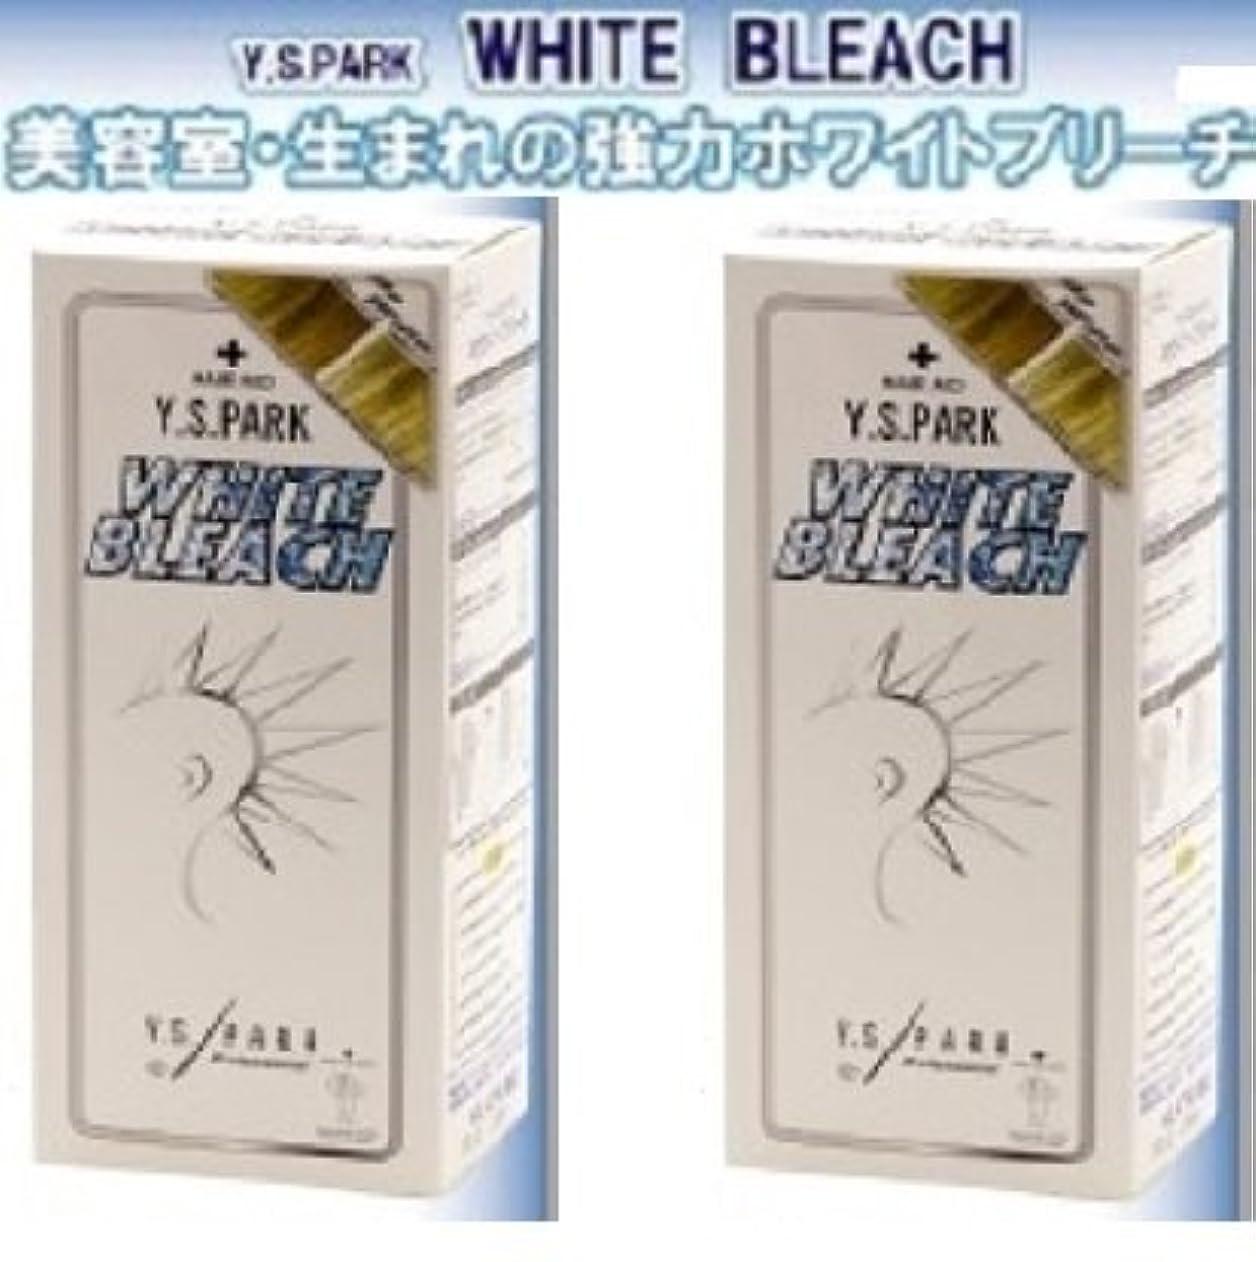 扇動レーザ却下する【YSPARK 】ホワイトブリーチ ×2個セット(お得な2個組)美容室生まれの強力ホワイトブリーチ